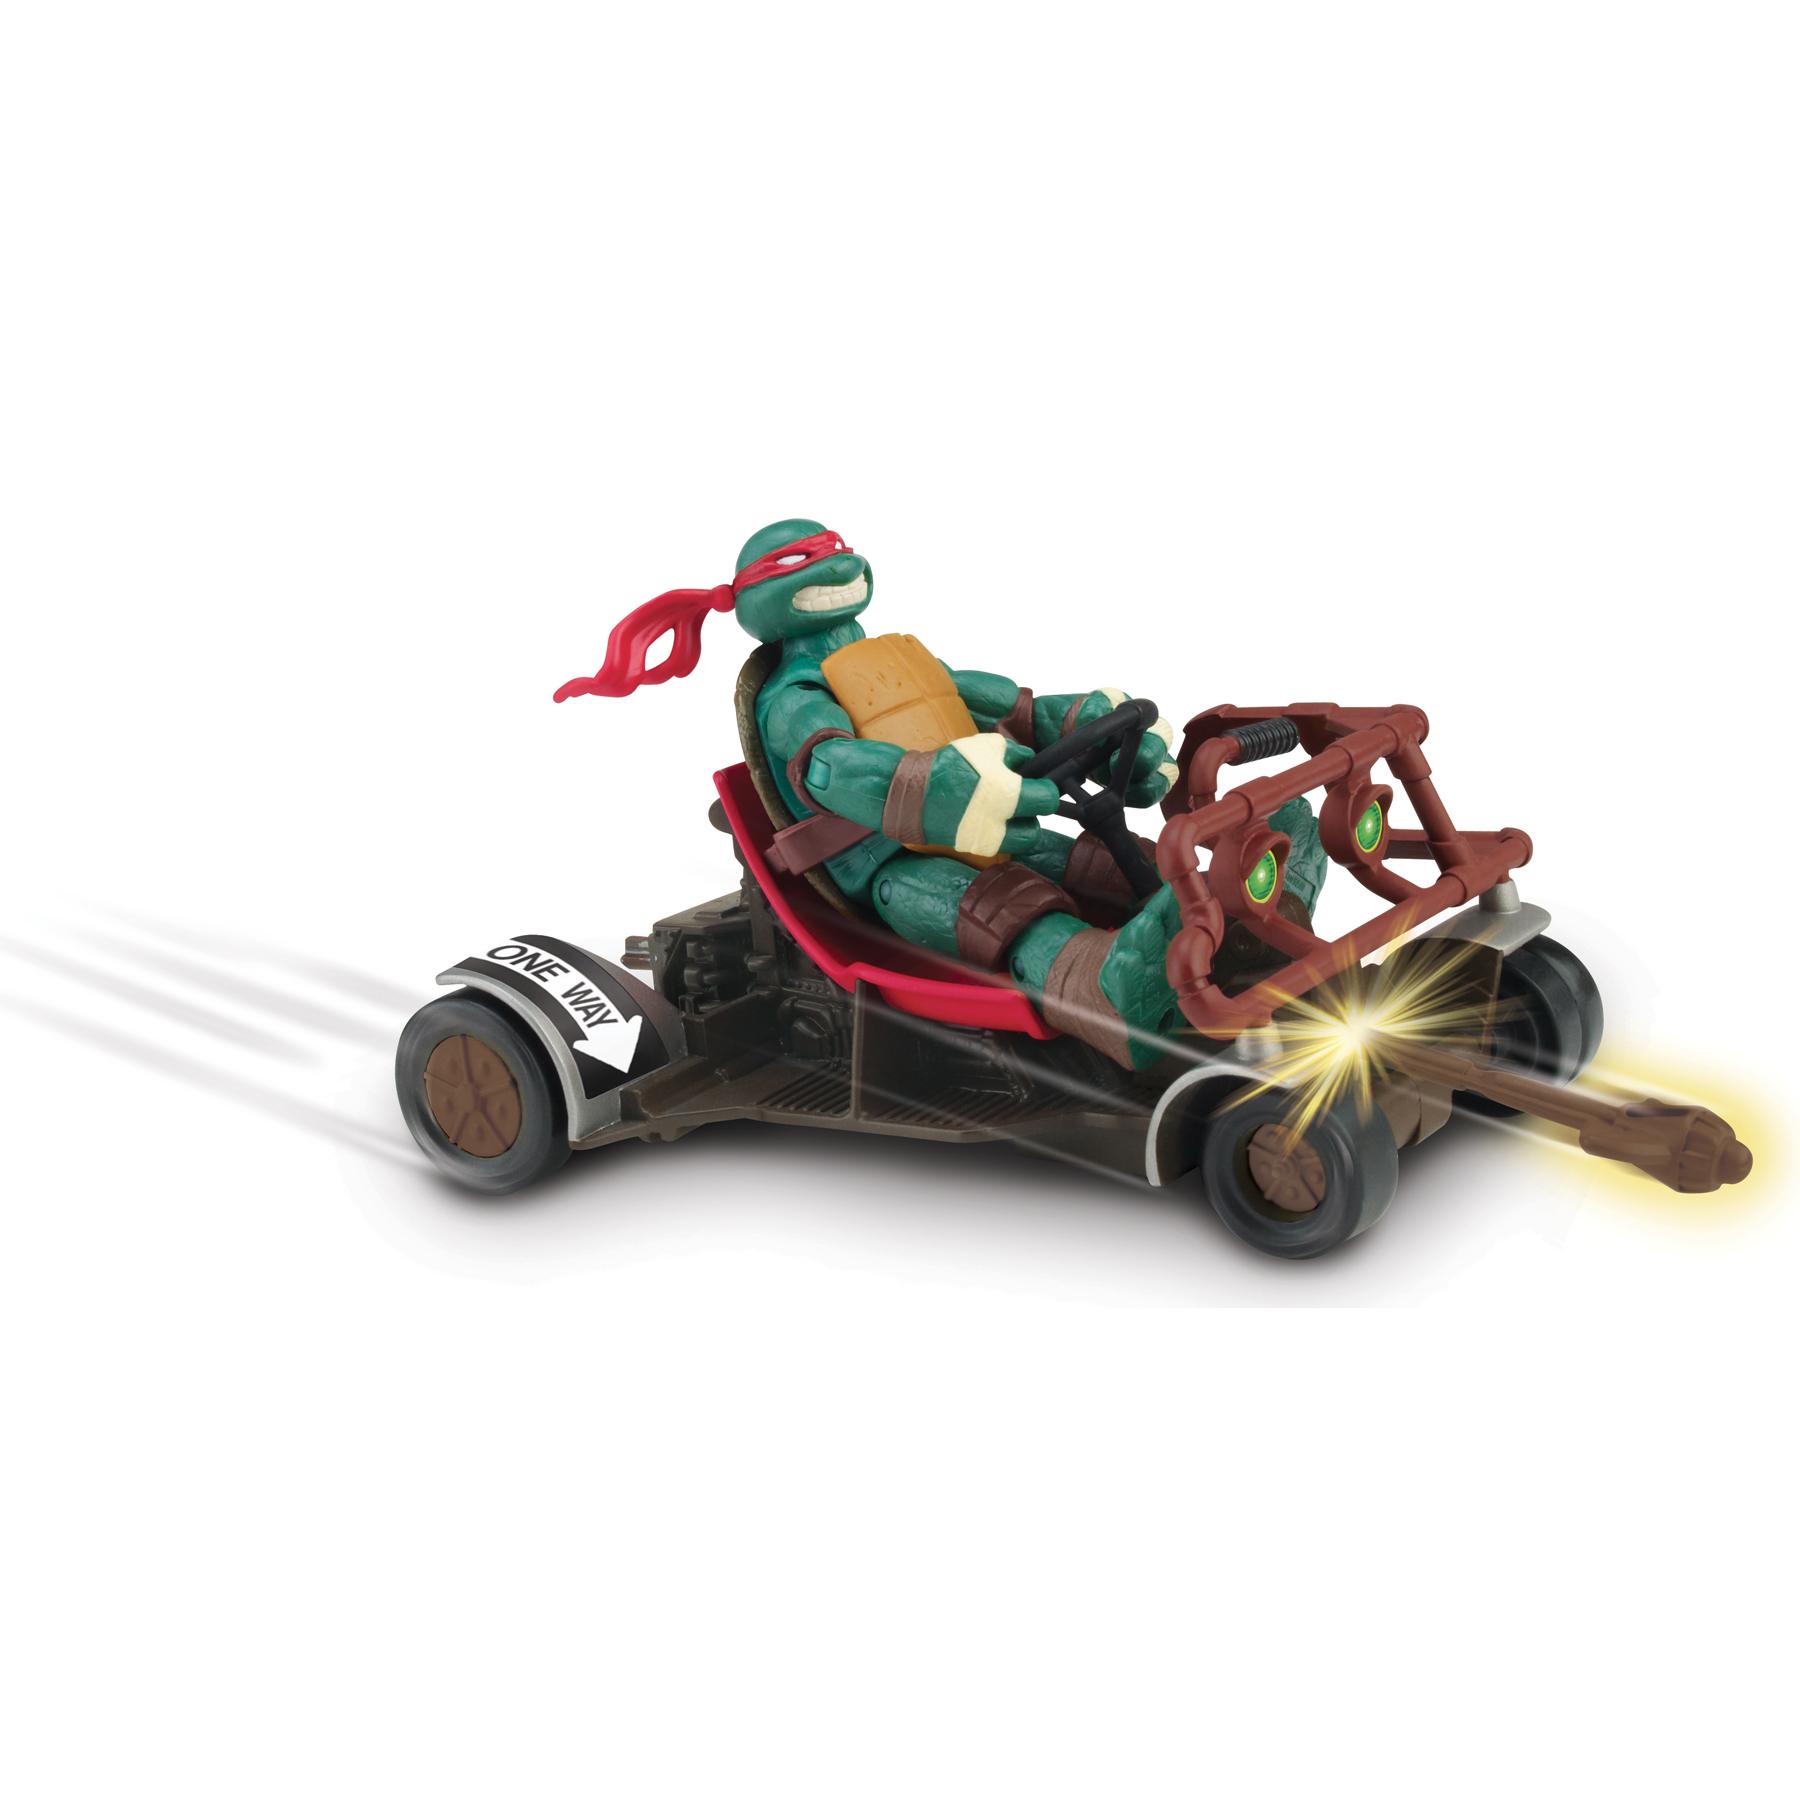 Crane Tmnt Toys : Toy fair playmates toys teenage mutant ninja turtles